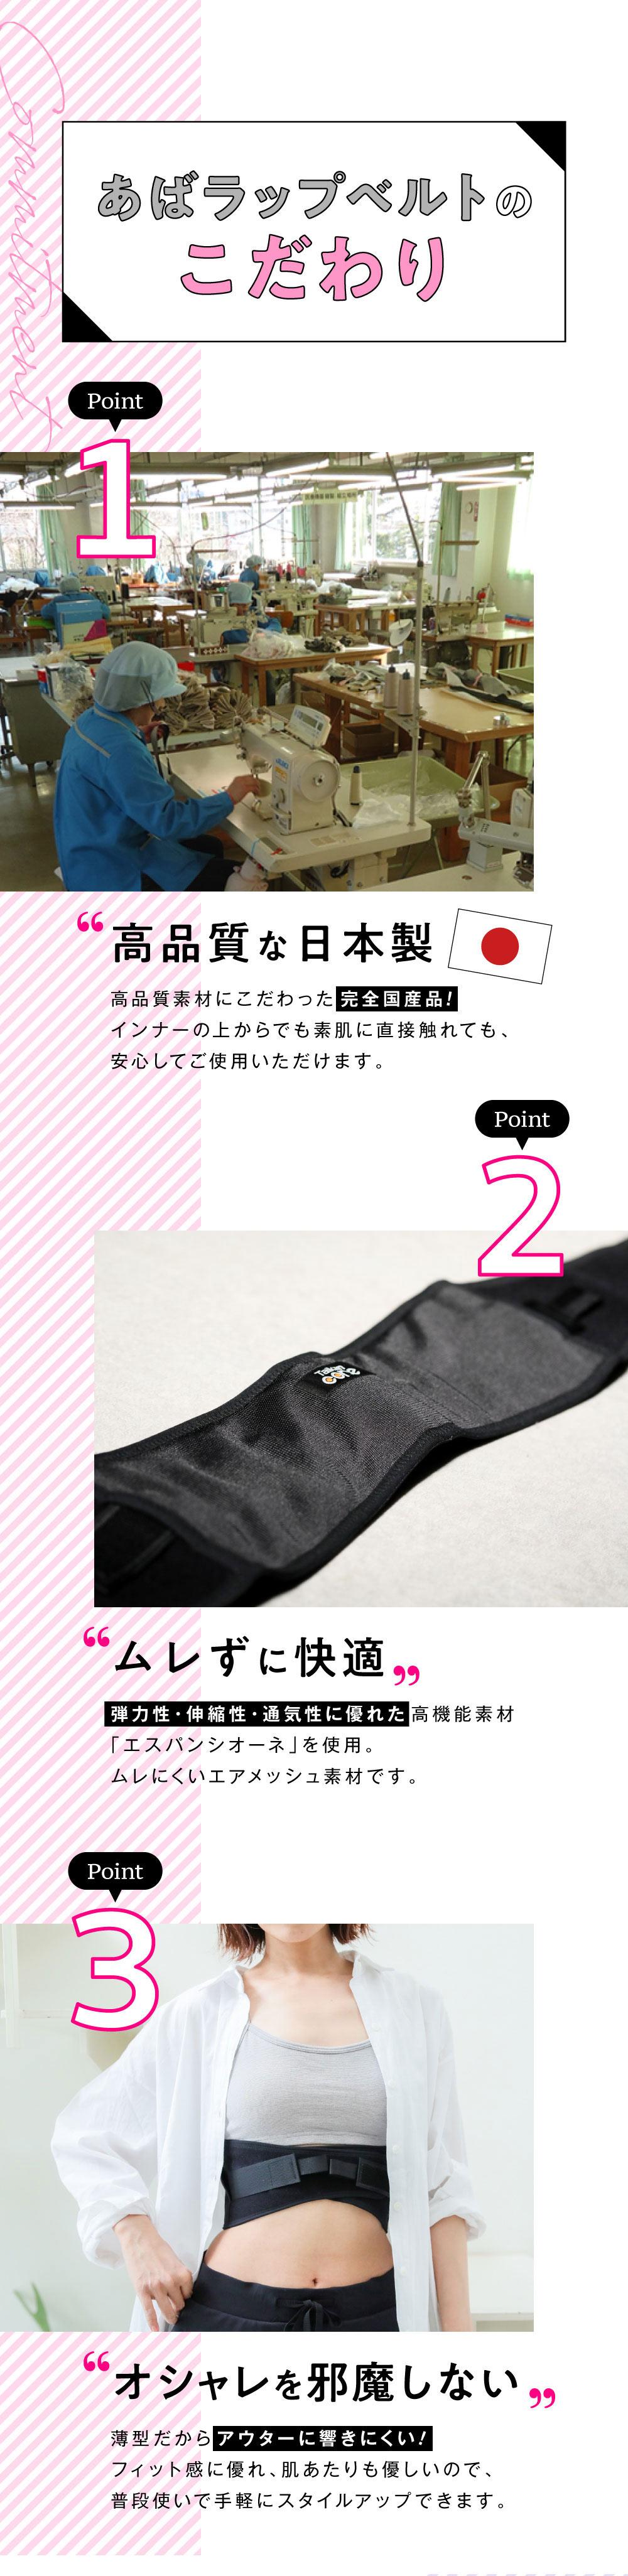 あばラップベルトのこだわり 1.高品質な日本製 2.ムレずに快適 3.オシャレを邪魔しない